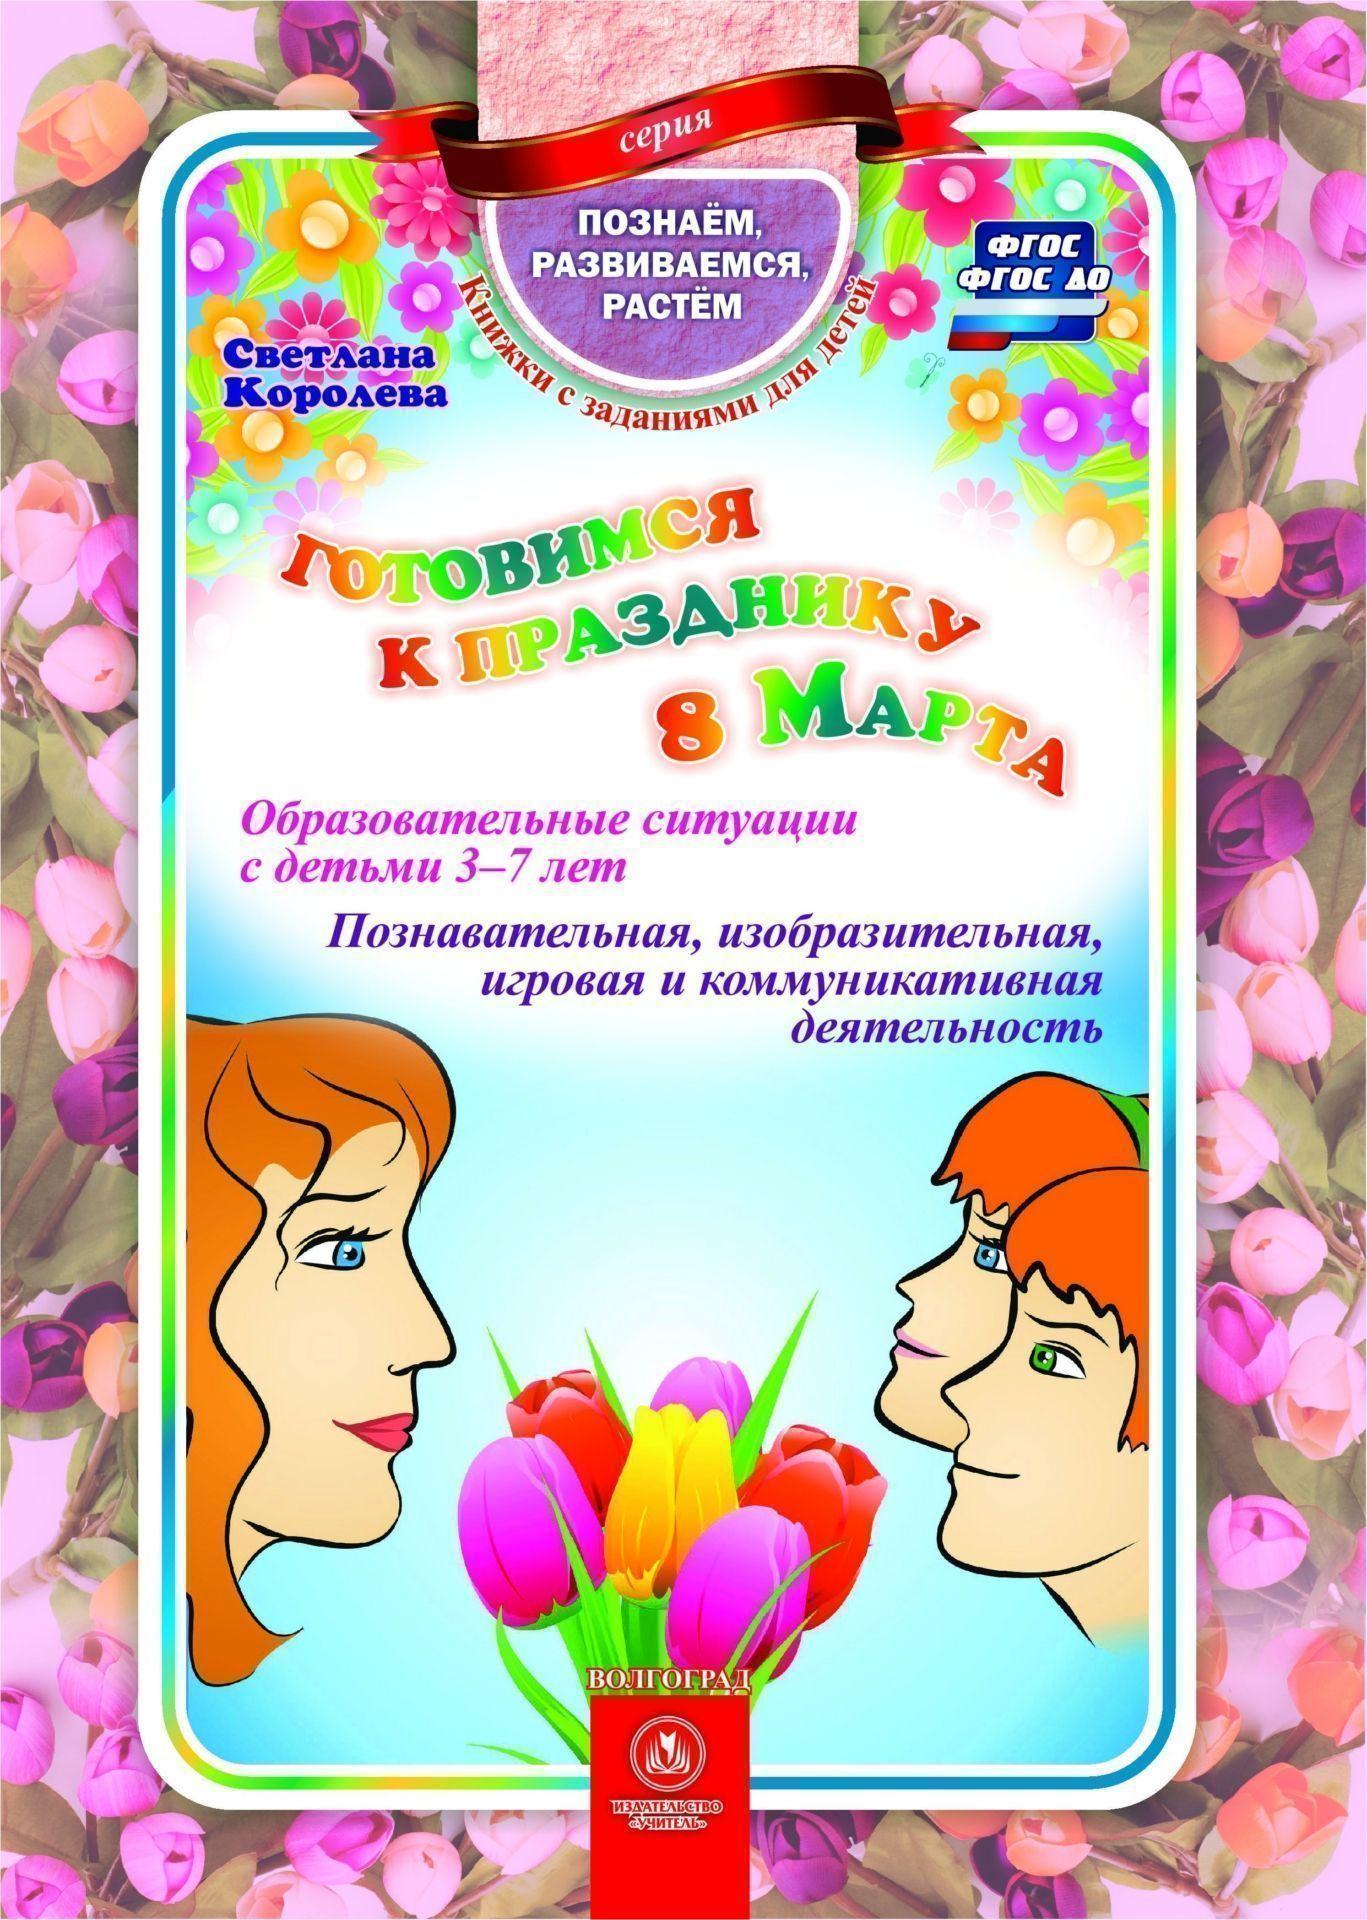 Готовимся к празднику 8 Марта: образовательные ситуации с детьми 3-7 лет. Познавательная, изобразительная, игровая и коммуникативная деятельность